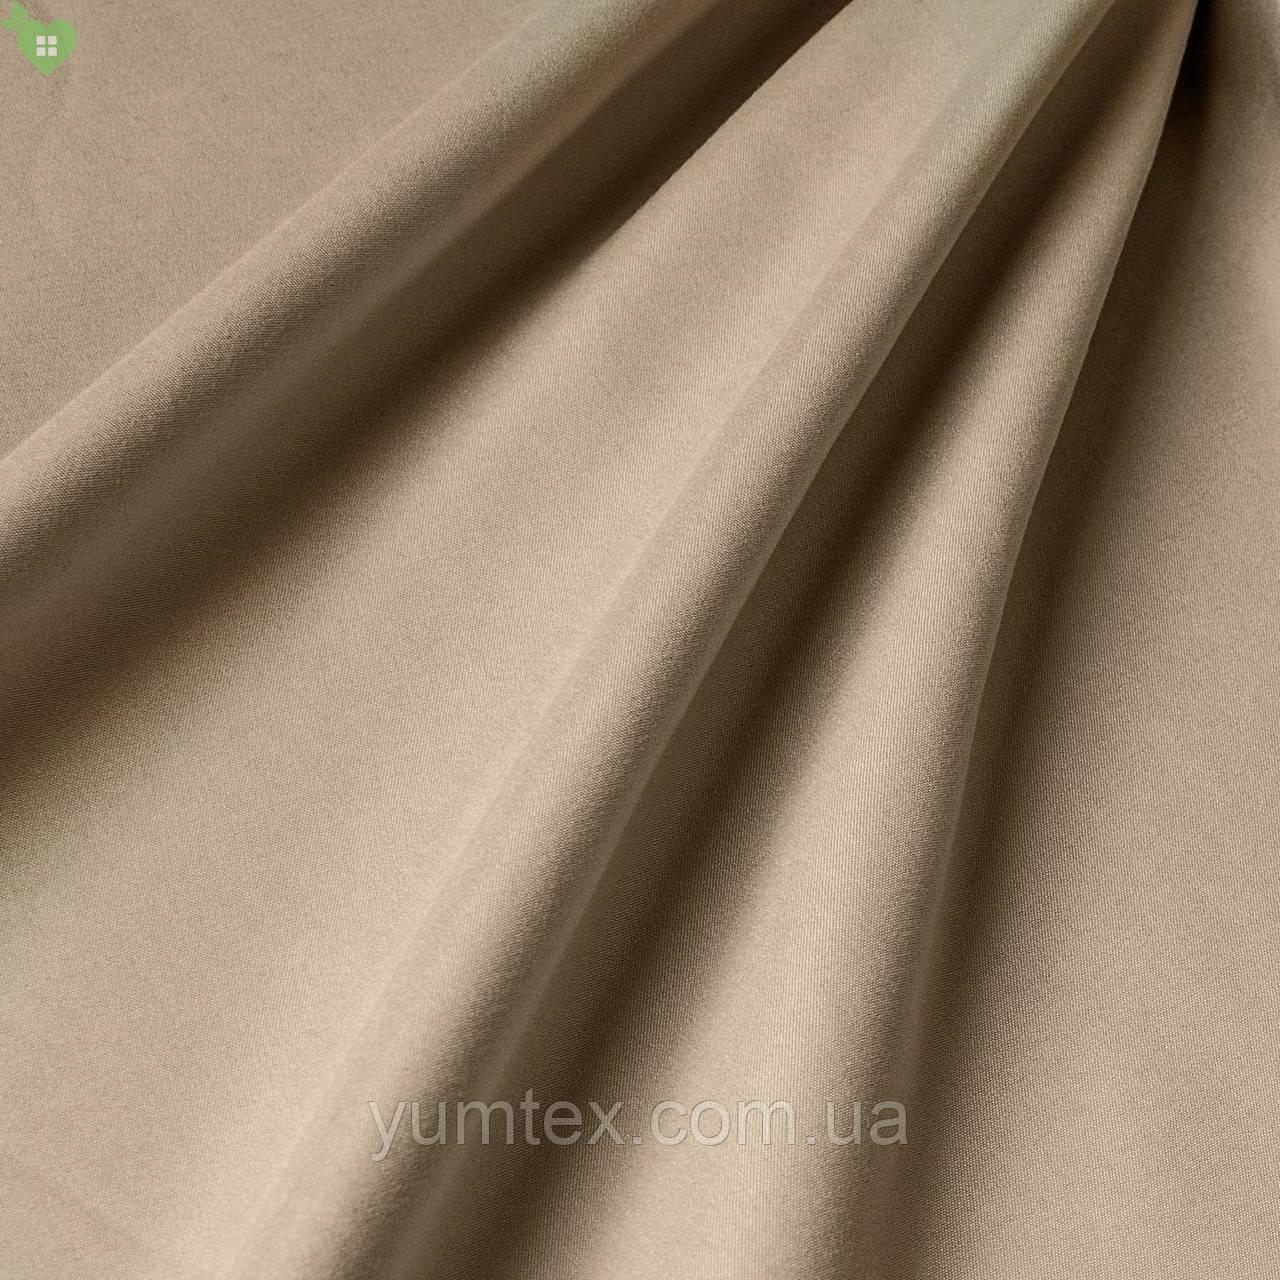 Подкладочная ткань с матовой фактурой кремовая Испания